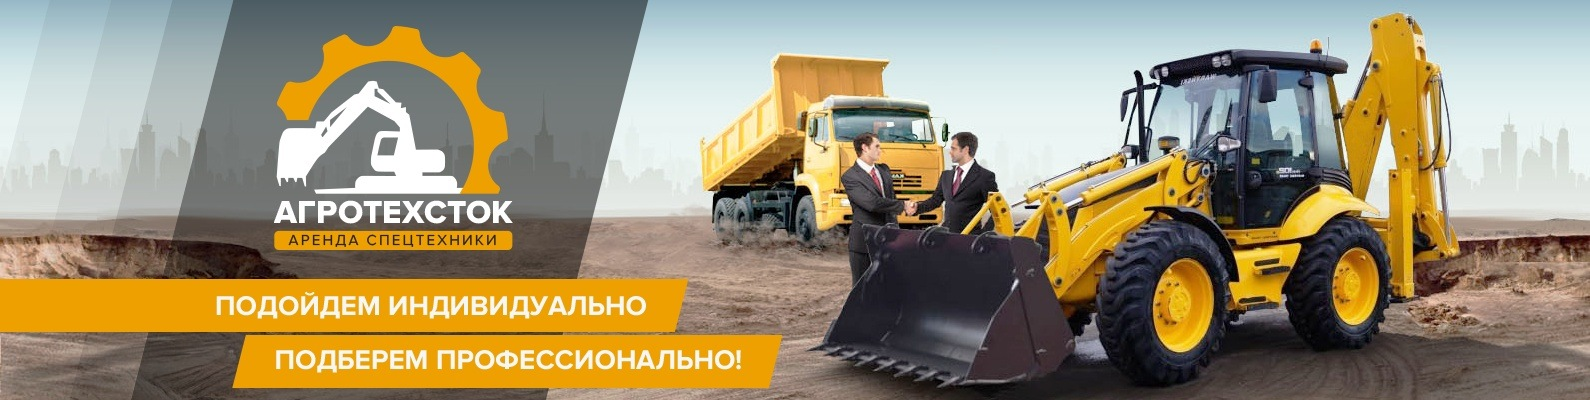 јренда спецтехники енвд лицензи¤ на пассажирские перевозки белгород